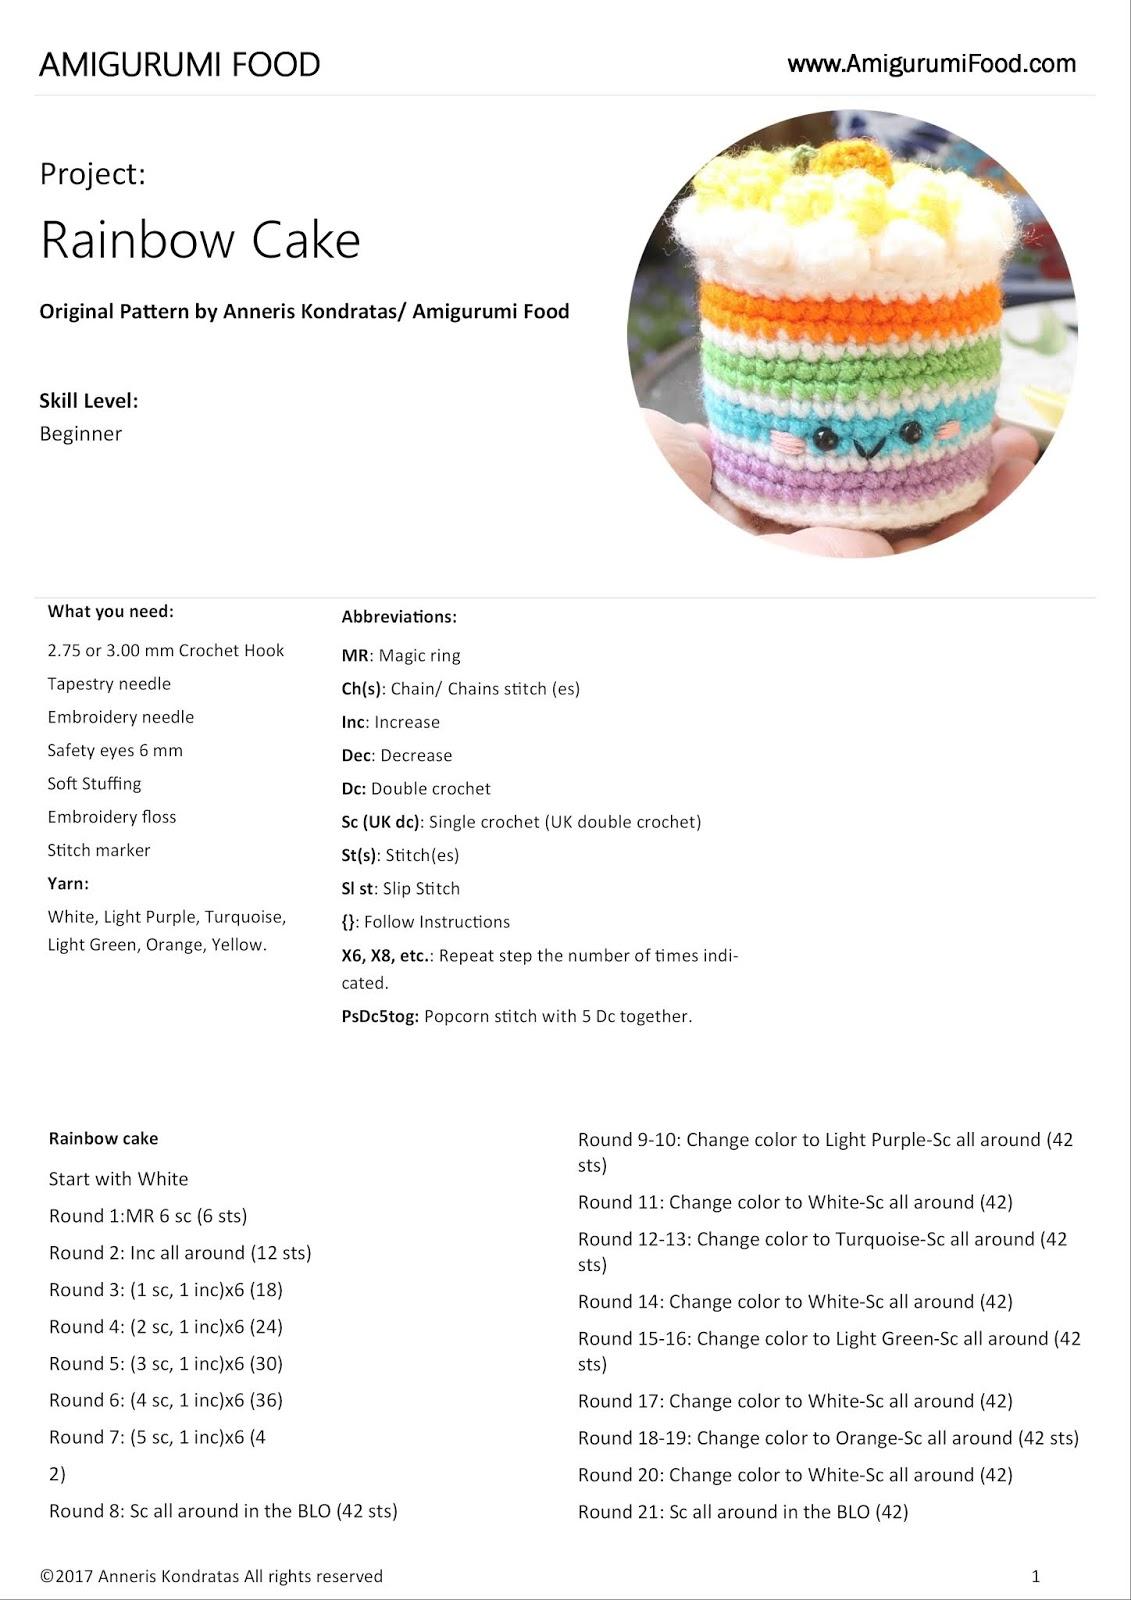 Amigurumi Food Rainbow Cake Free Pattern